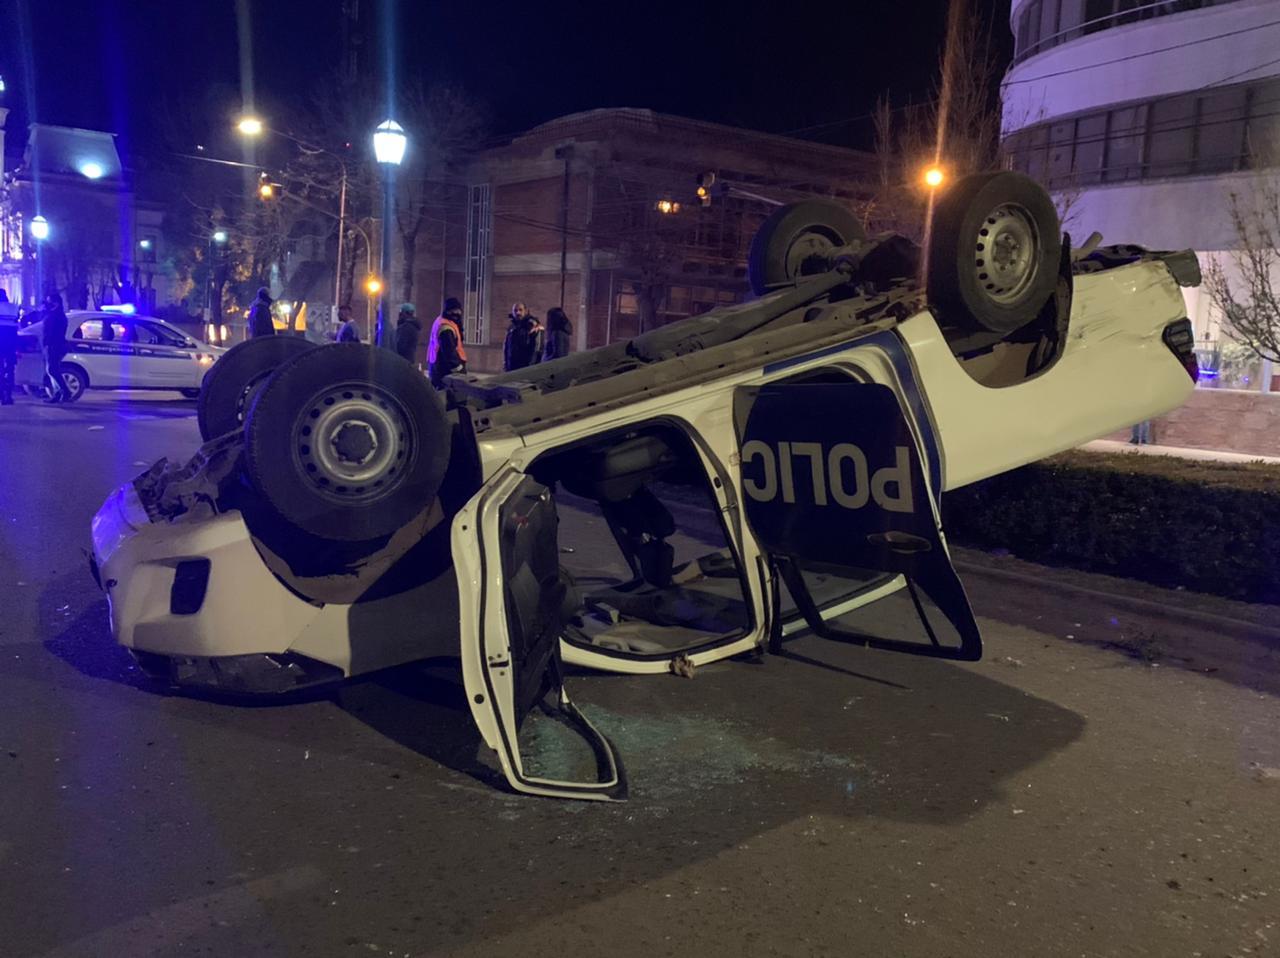 Choque y vuelco frente a la plaza.  (video) Un patrullero quedó con las ruedas hacia arriba